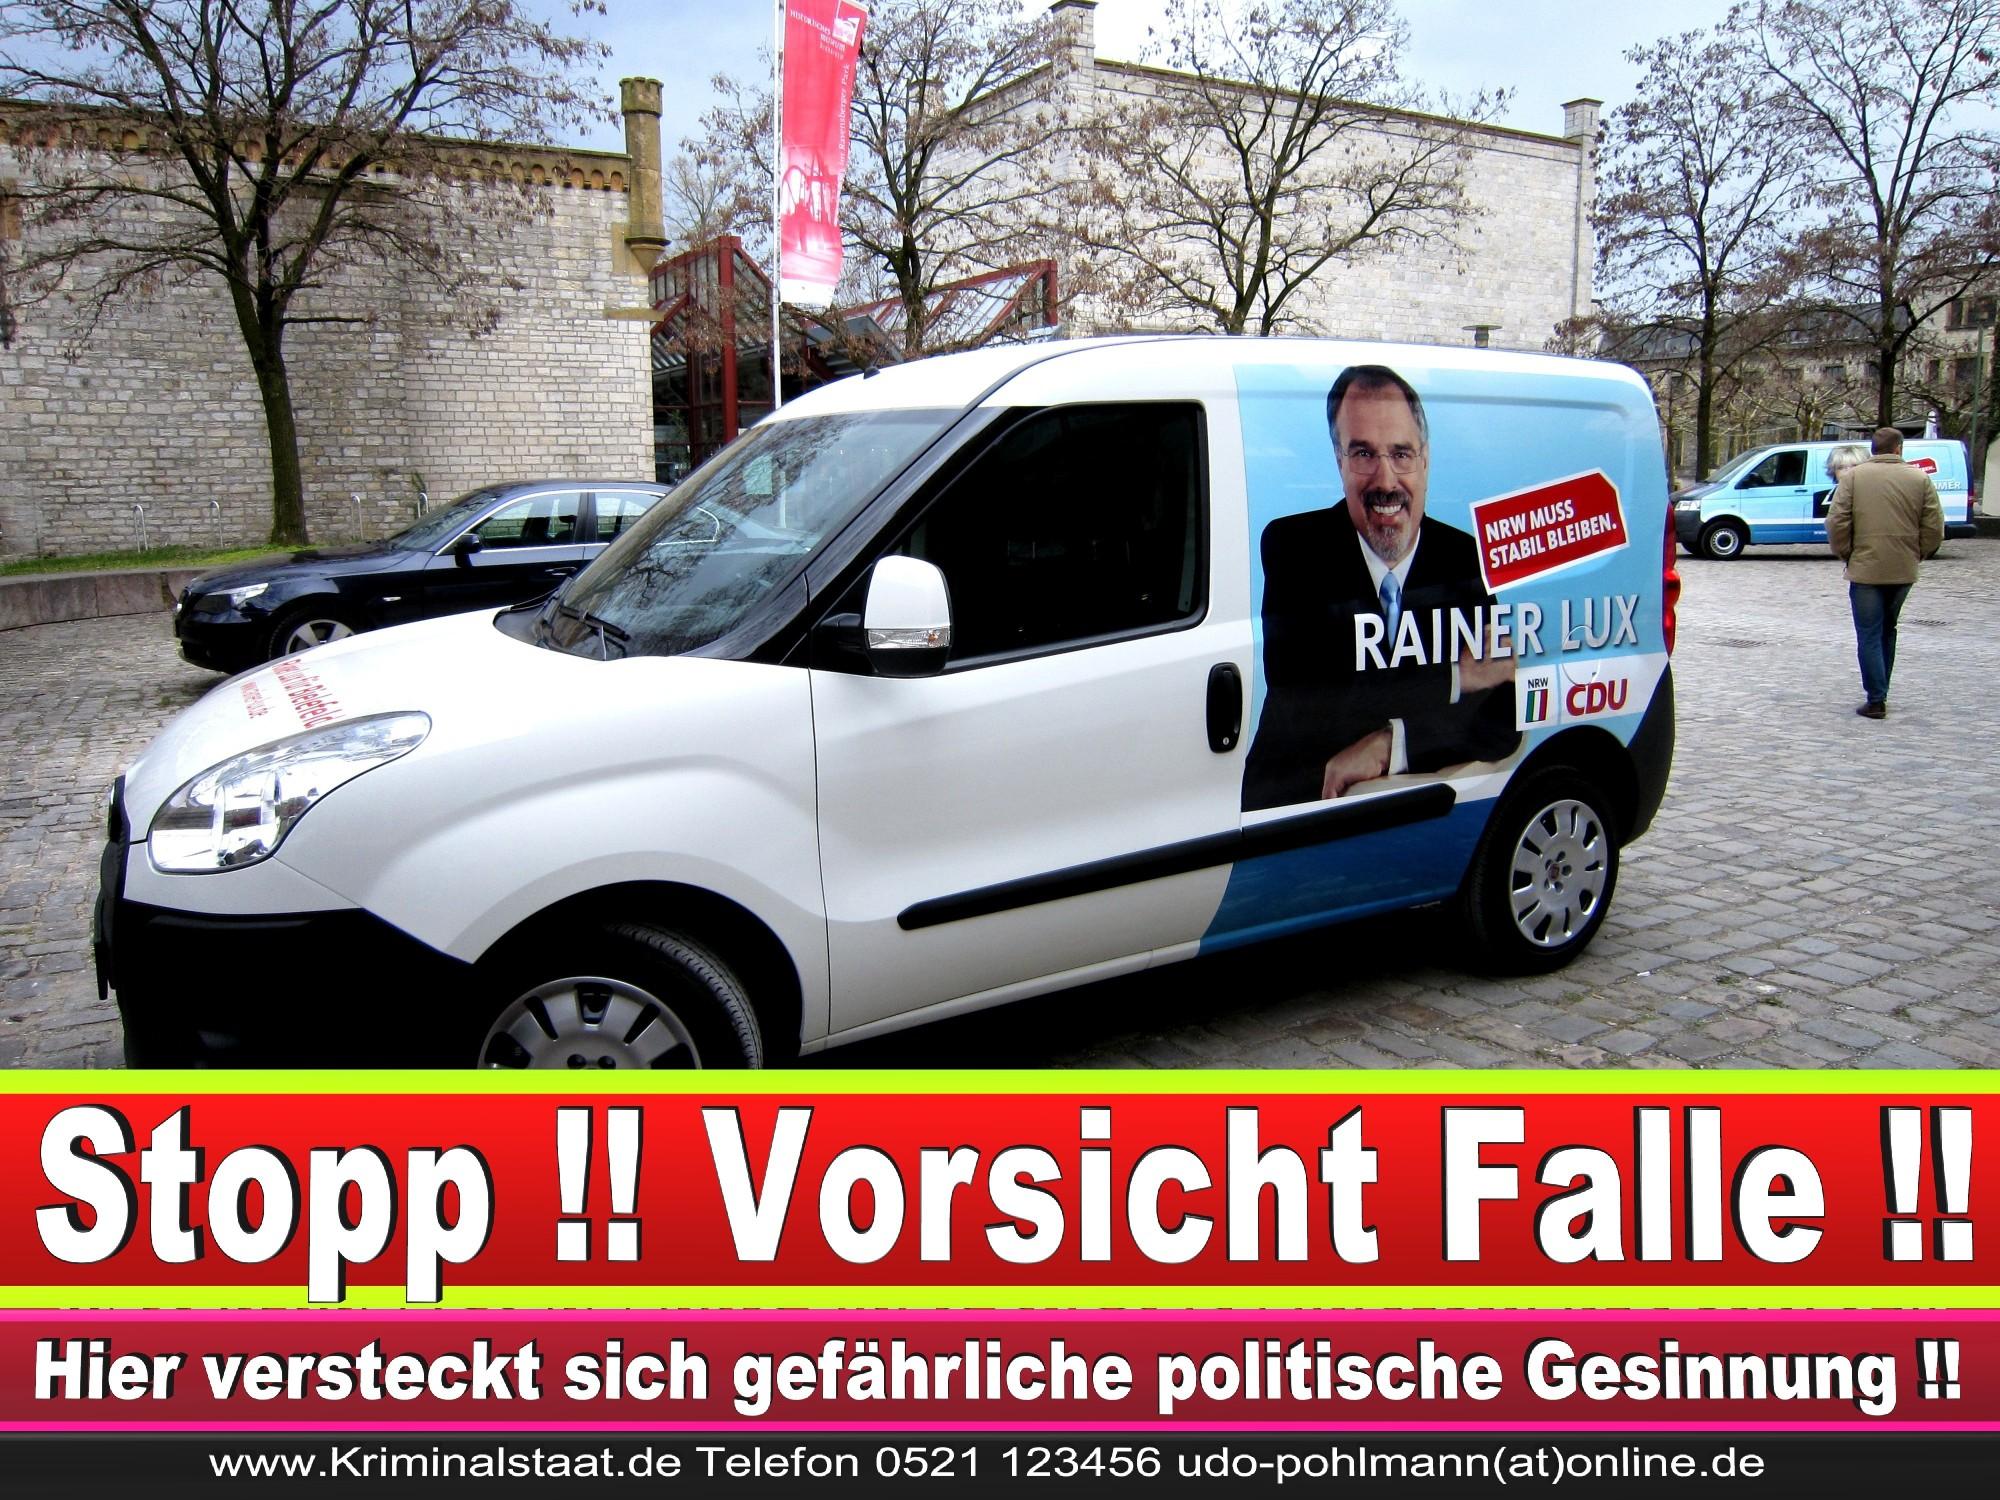 Wahlwerbung Wahlplakate Landtagswahl 2019 Europawahl CDU SPD FDP 2021 (10)